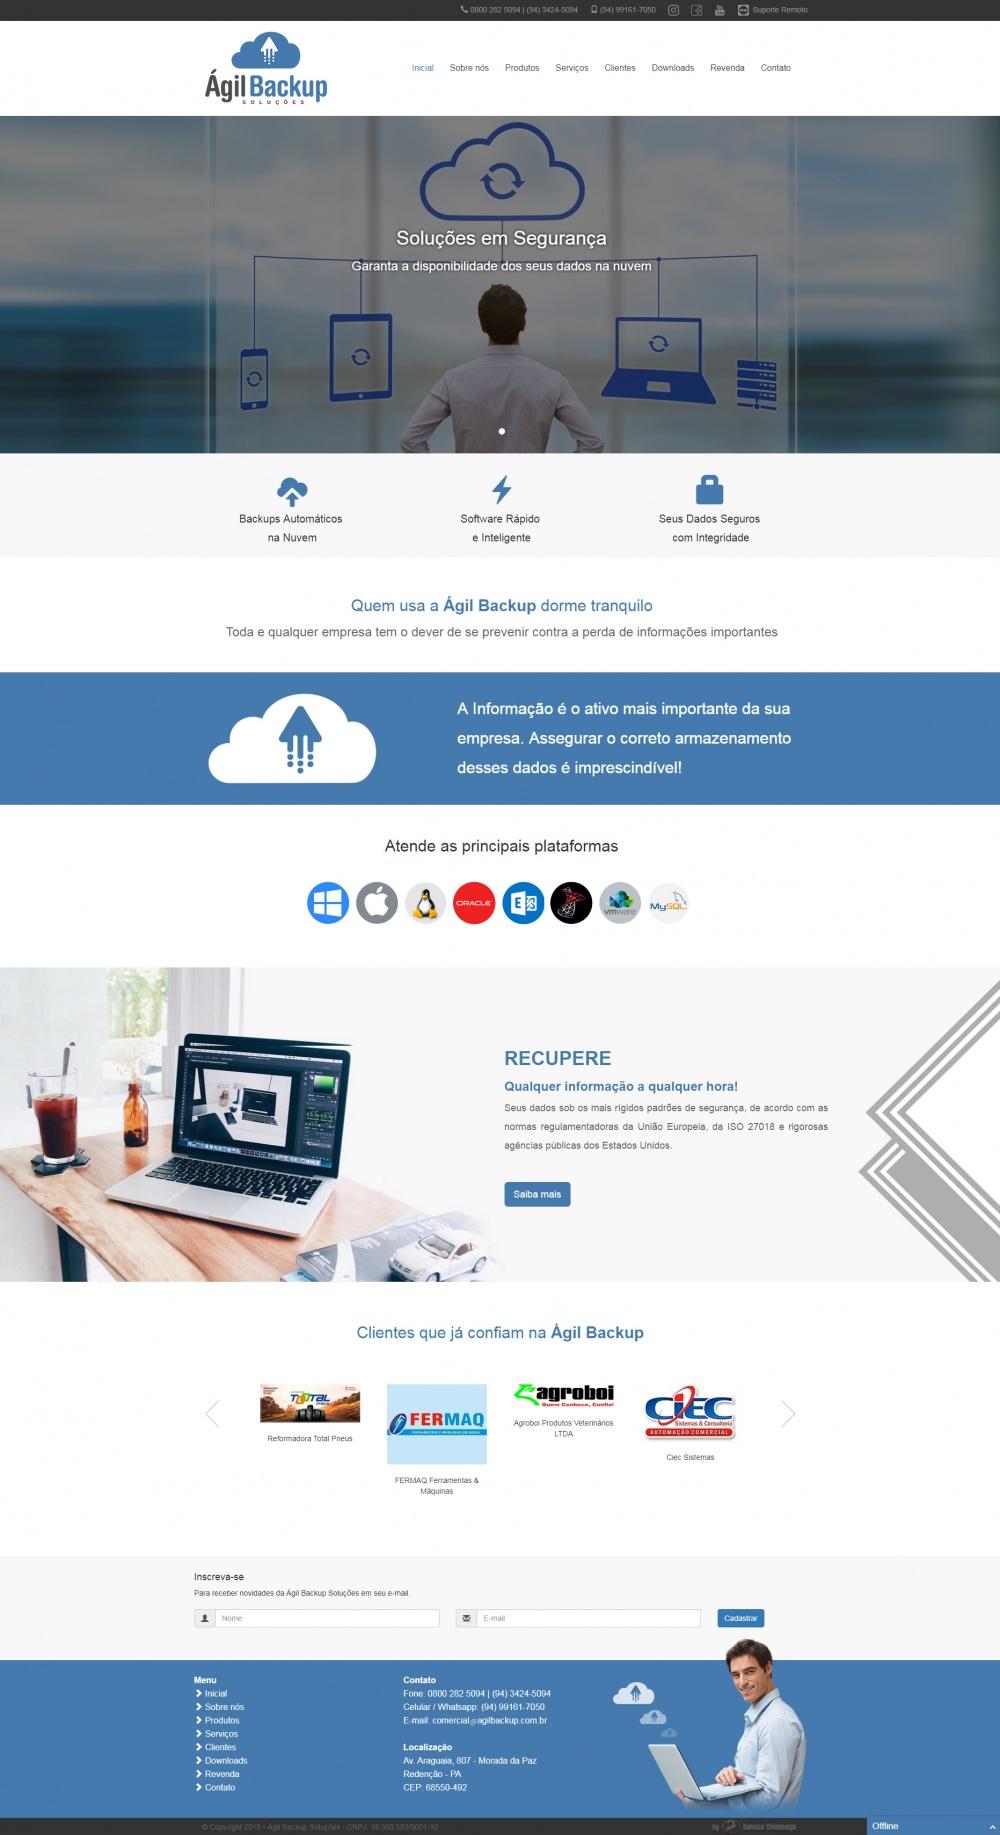 Página inicial do site da Ágil Backup